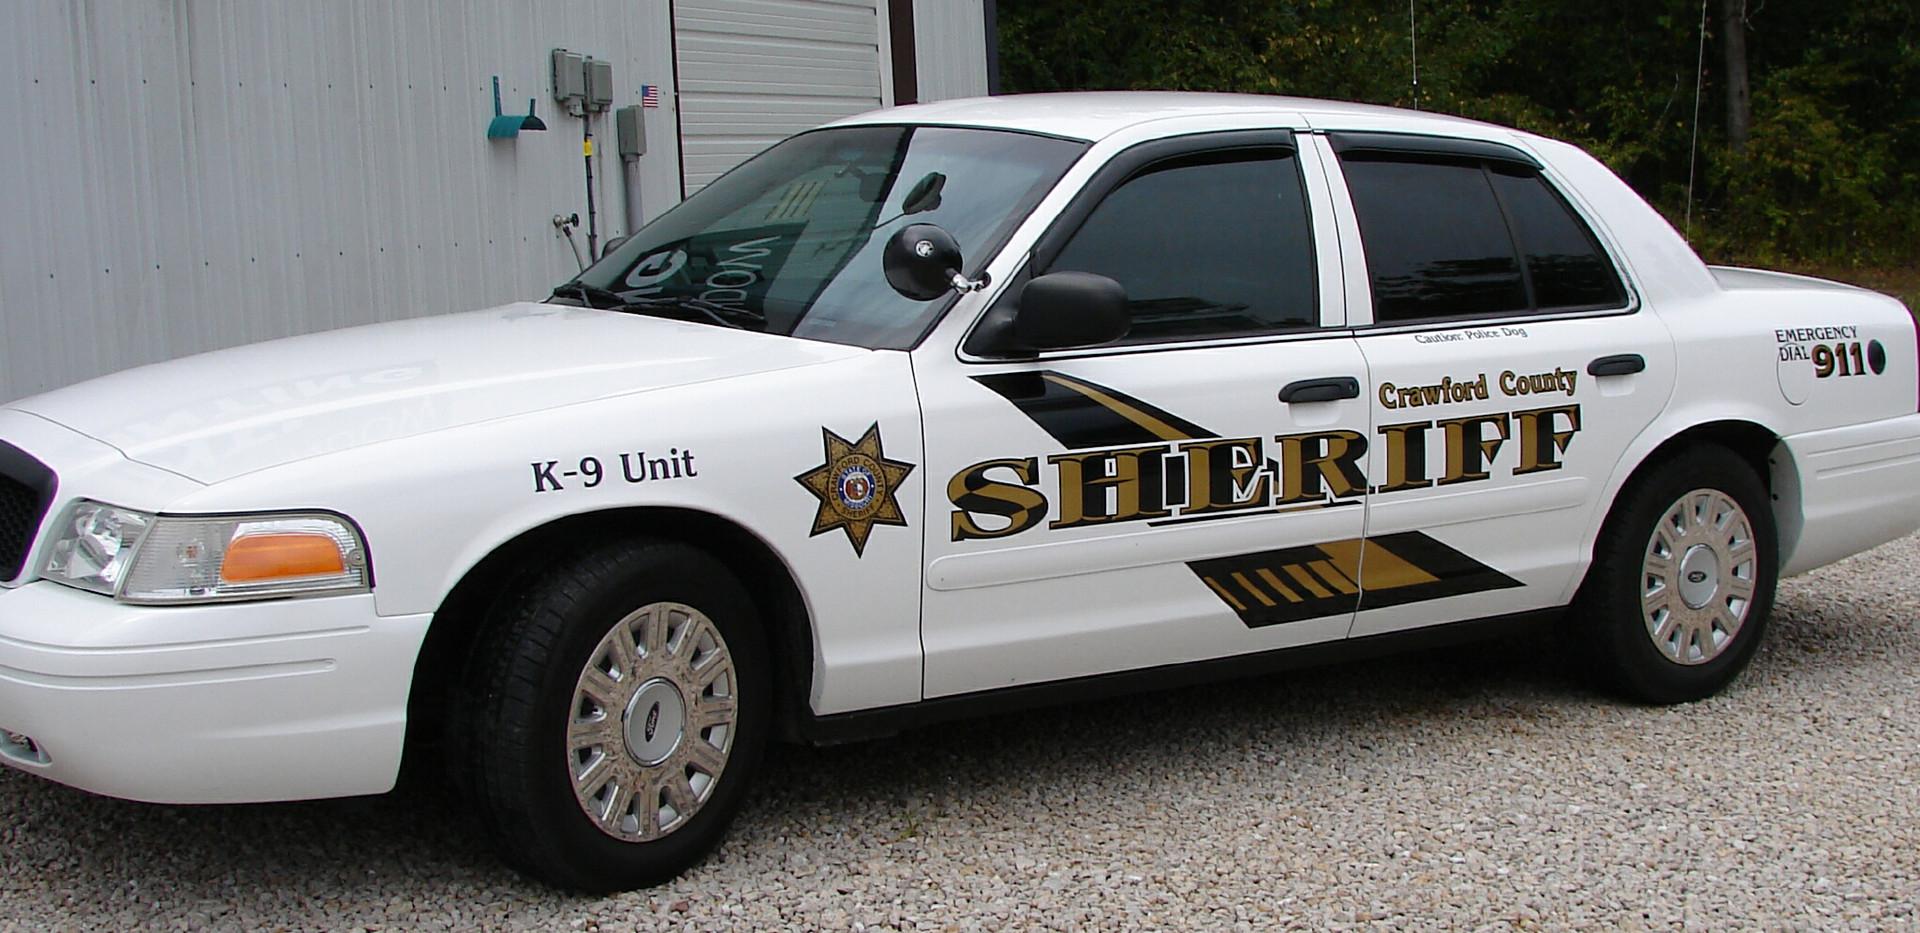 Police Fleet Tint